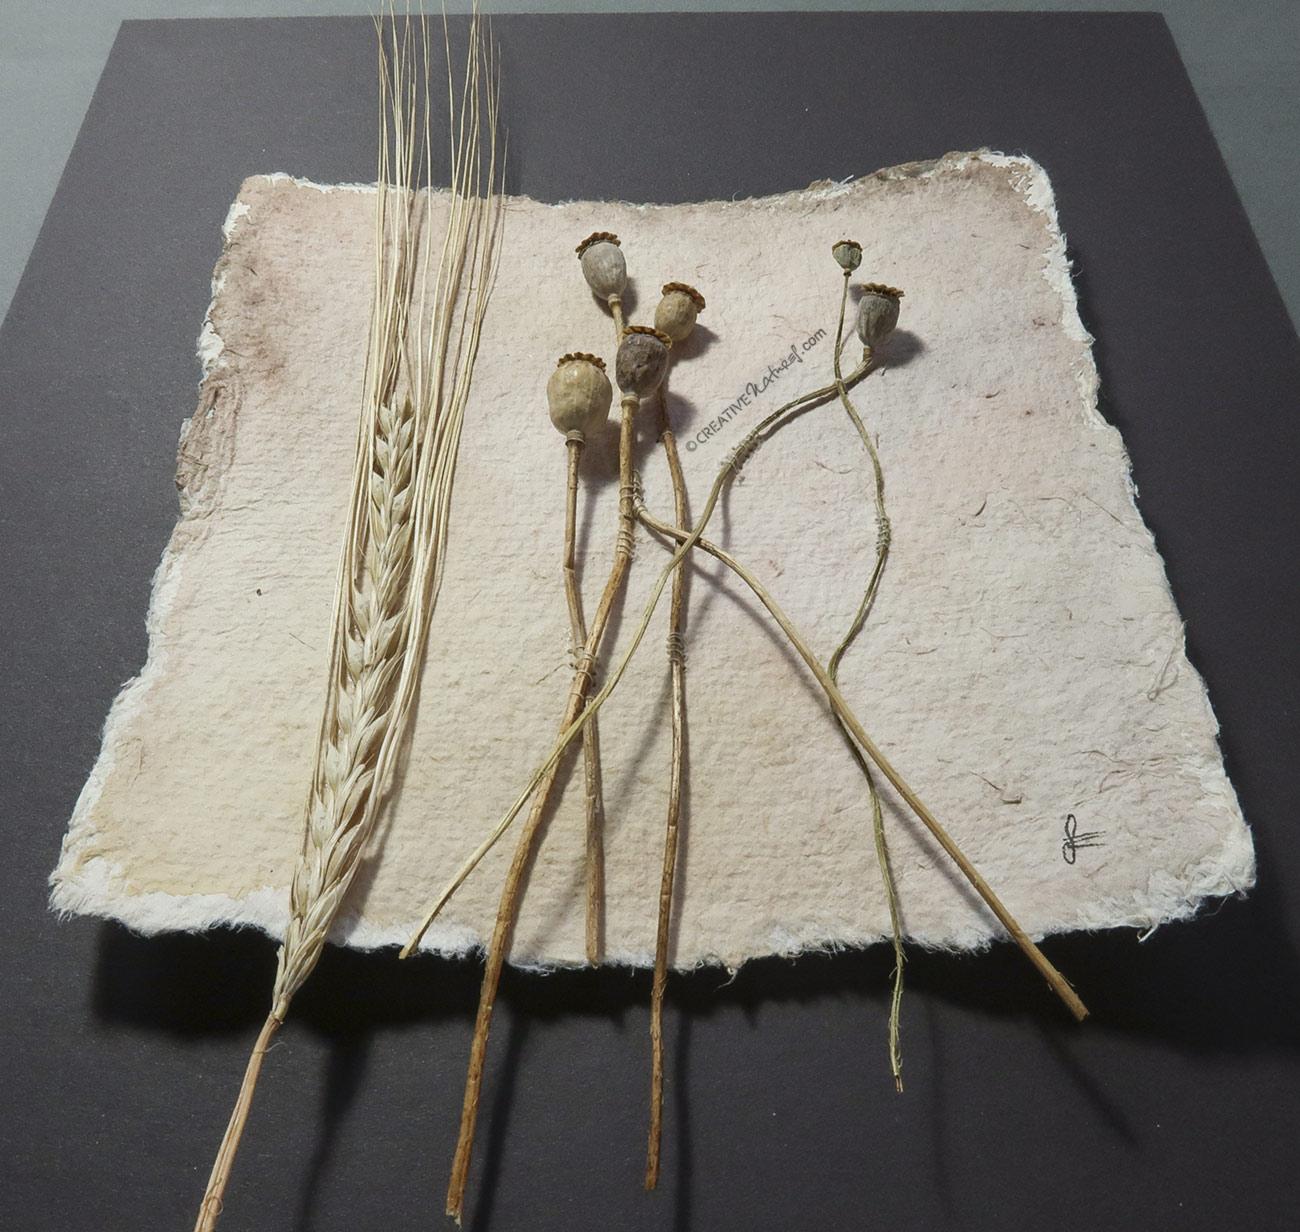 """""""Remembering Life"""", Ansicht von unten, von Sandra Egert, Close-up-Serie, Wandobjekt auf handgeschöpftem Papier, L 15 x B 15cm , H 3 cm, aufgezogen auf Passepartoutkarton W 24 x L 30 cm"""